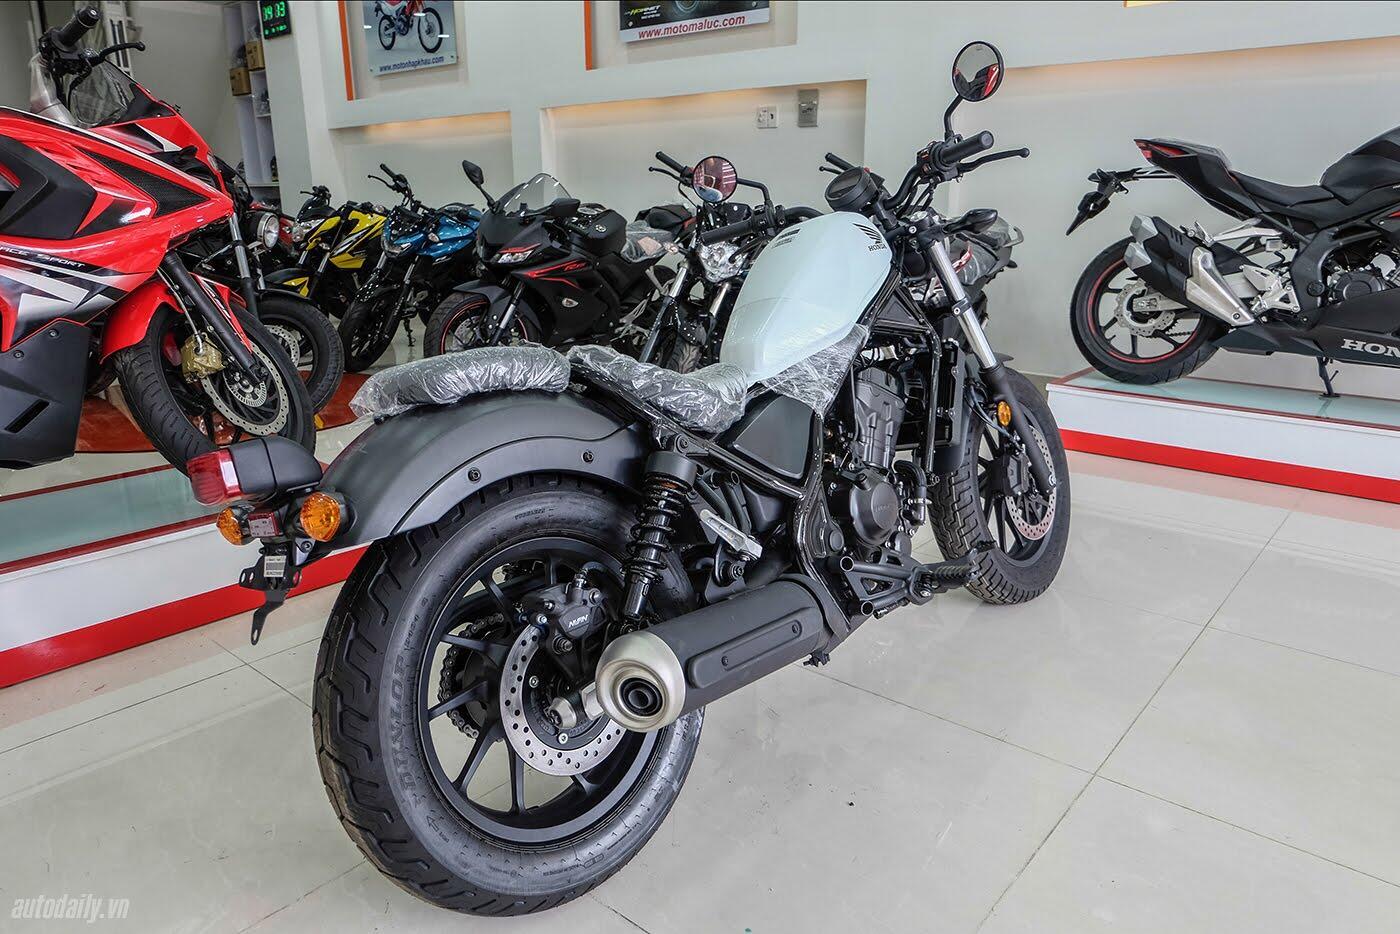 Honda Rebel 300 ABS 2017 đầu tiên về Việt Nam, giá hơn 170 triệu đồng - Hình 4